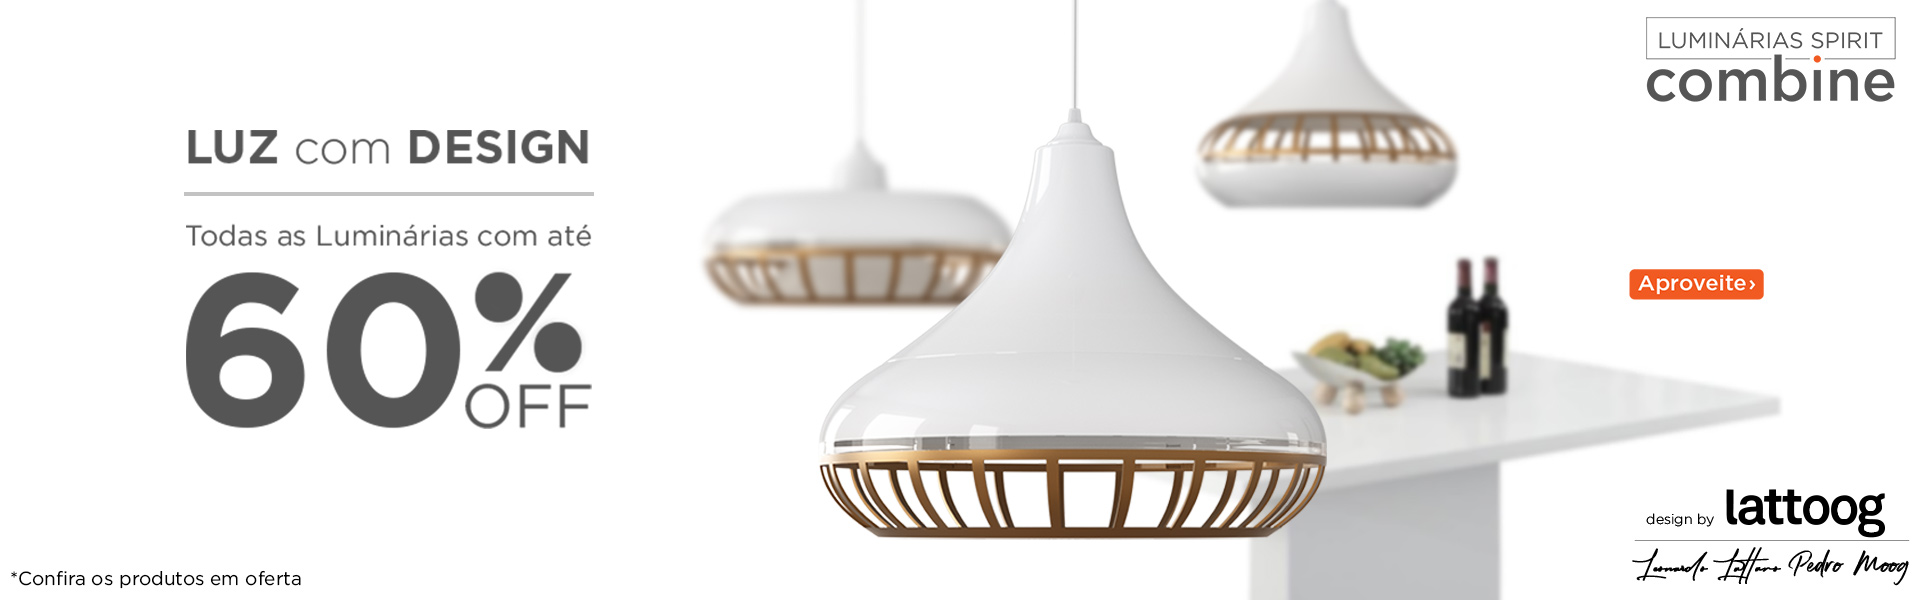 Luz com Design - Promoção Luminárias Pendentes SPIRIT Combine